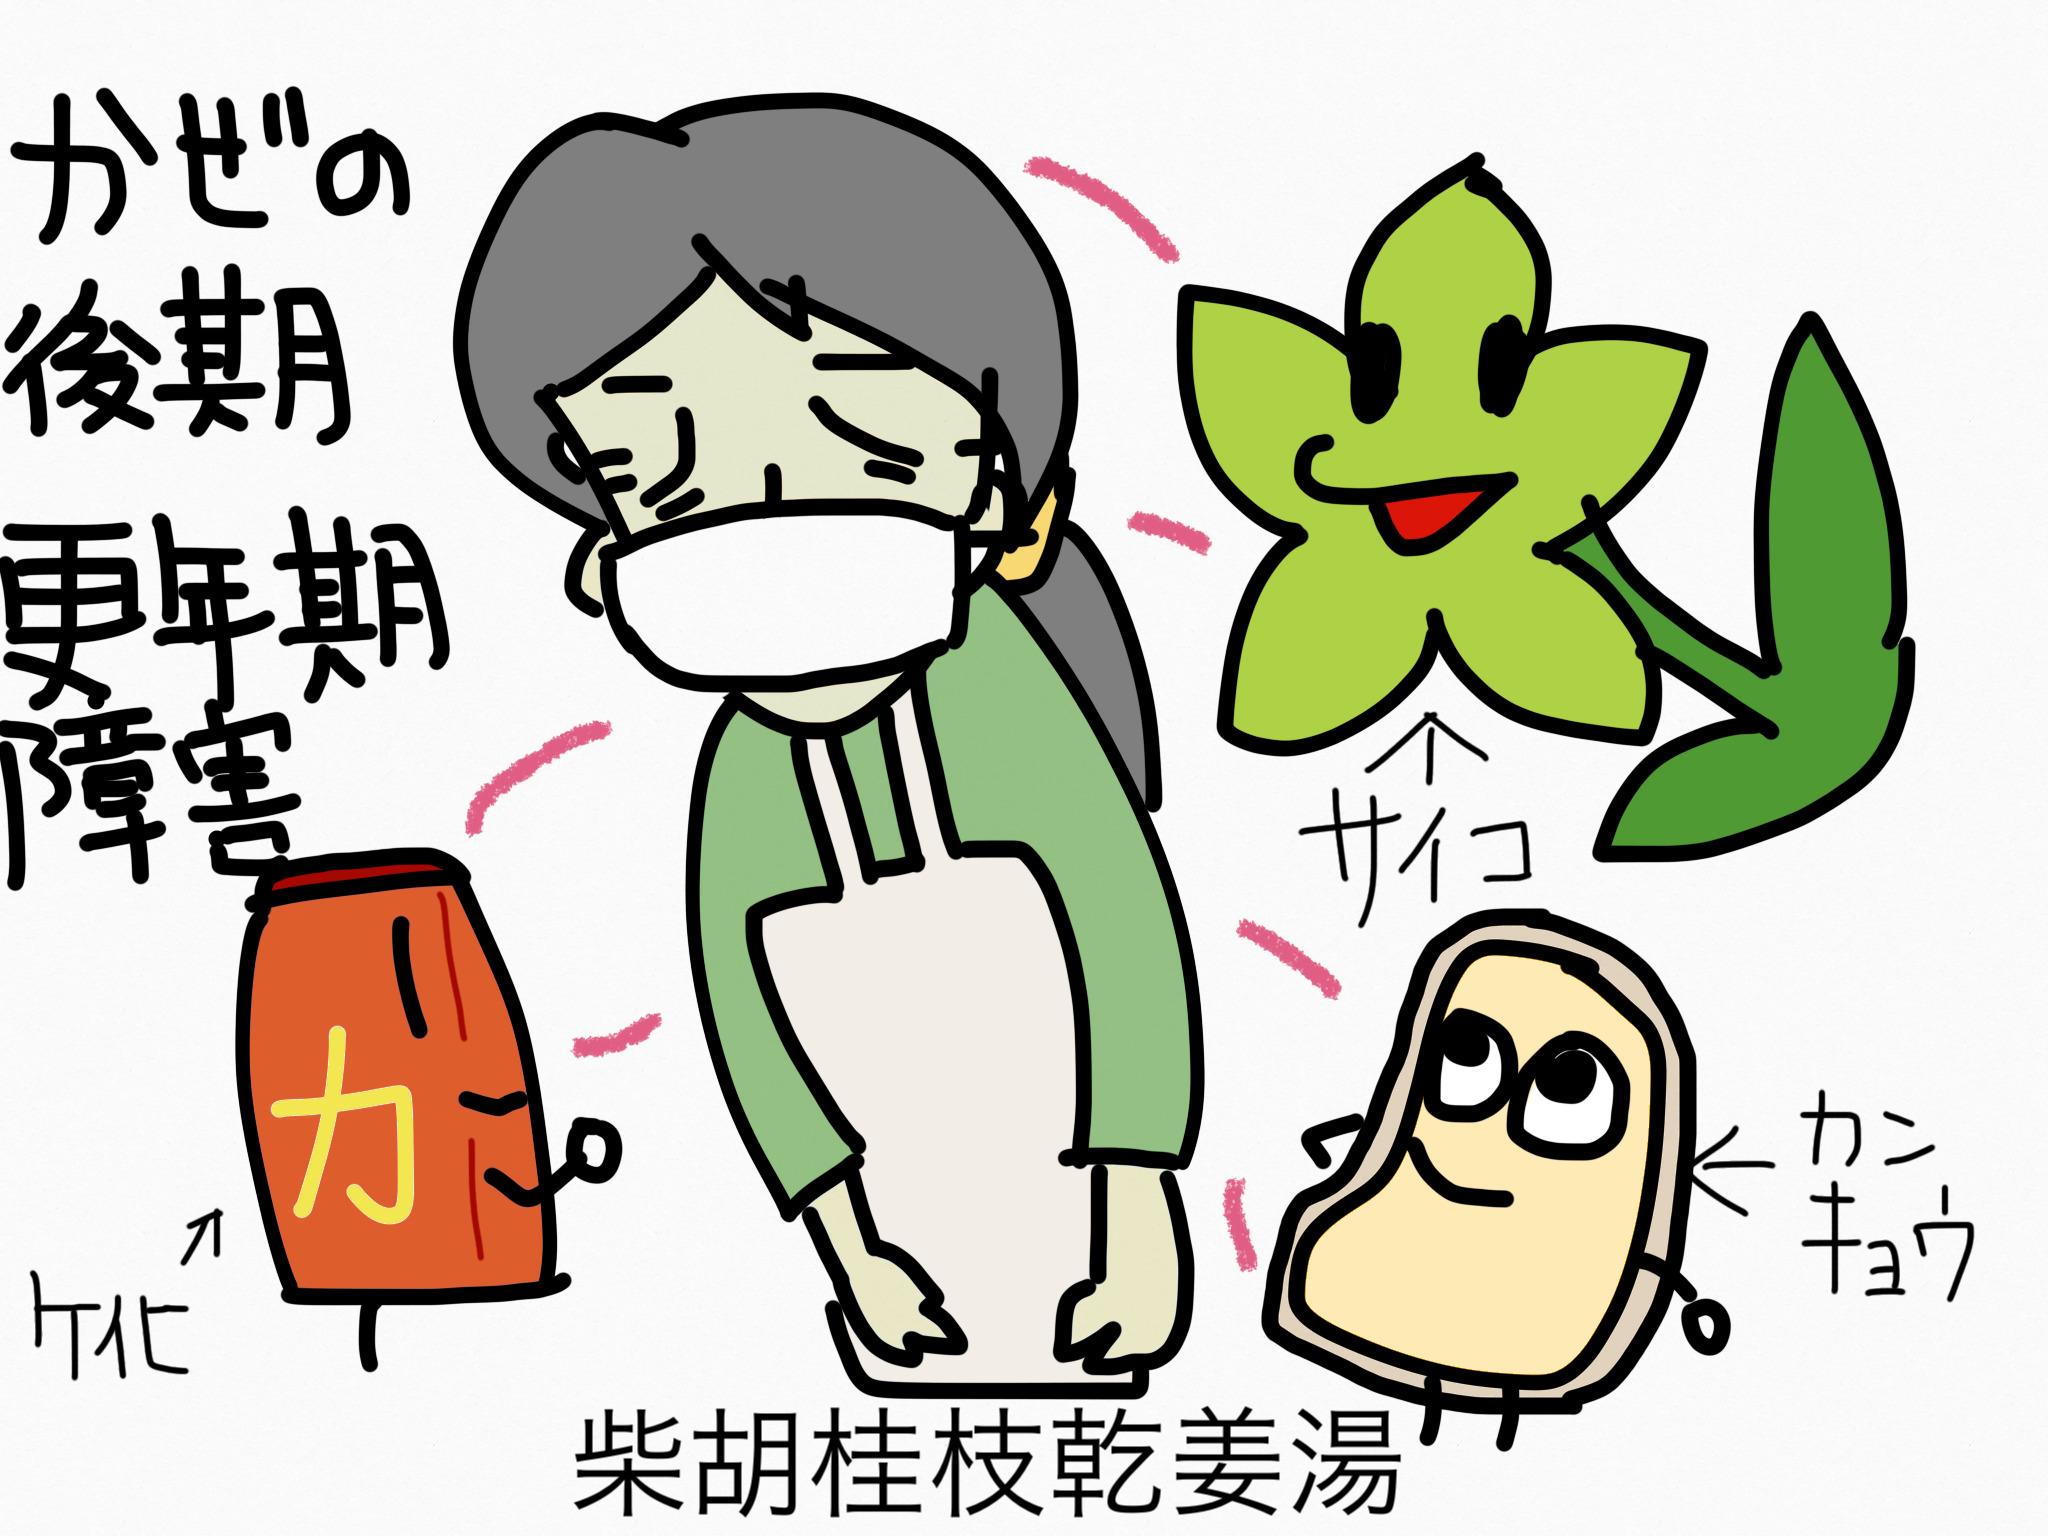 柴胡桂枝乾姜湯(さいこけいしかんきょうとう)[更年期障害]【漢方の覚え方】